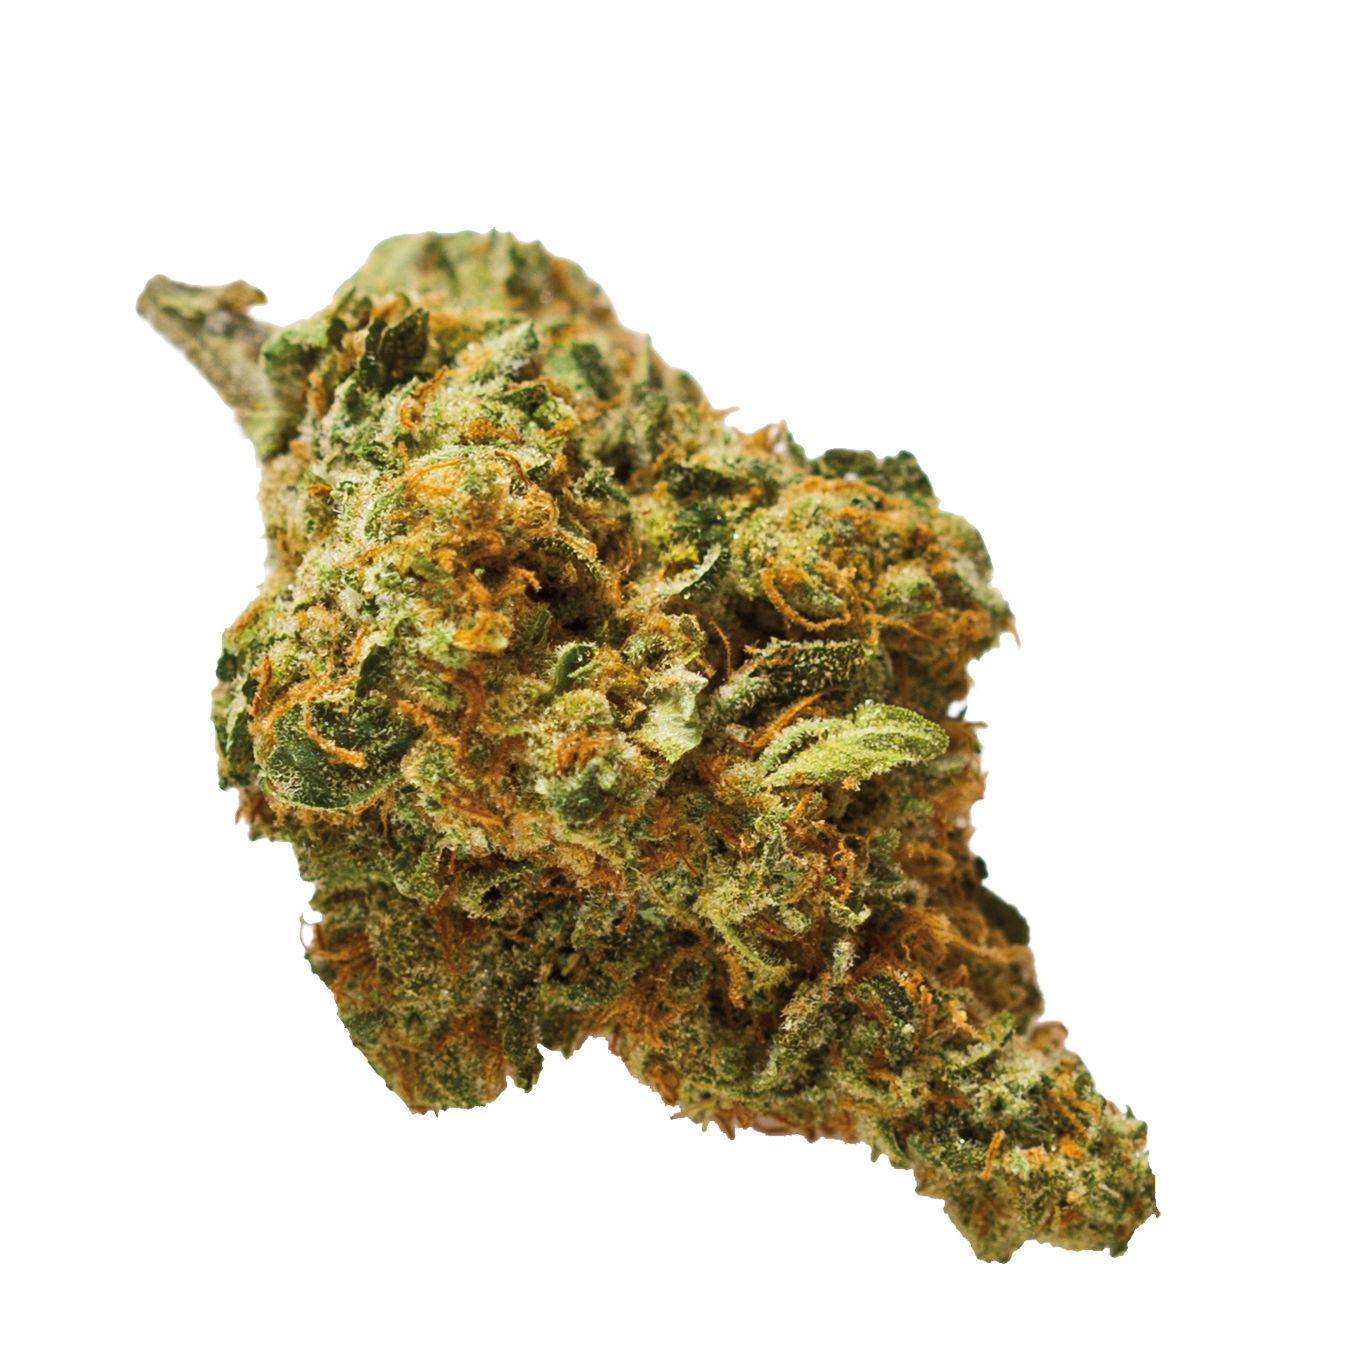 0218 cannabis bud m9dqts